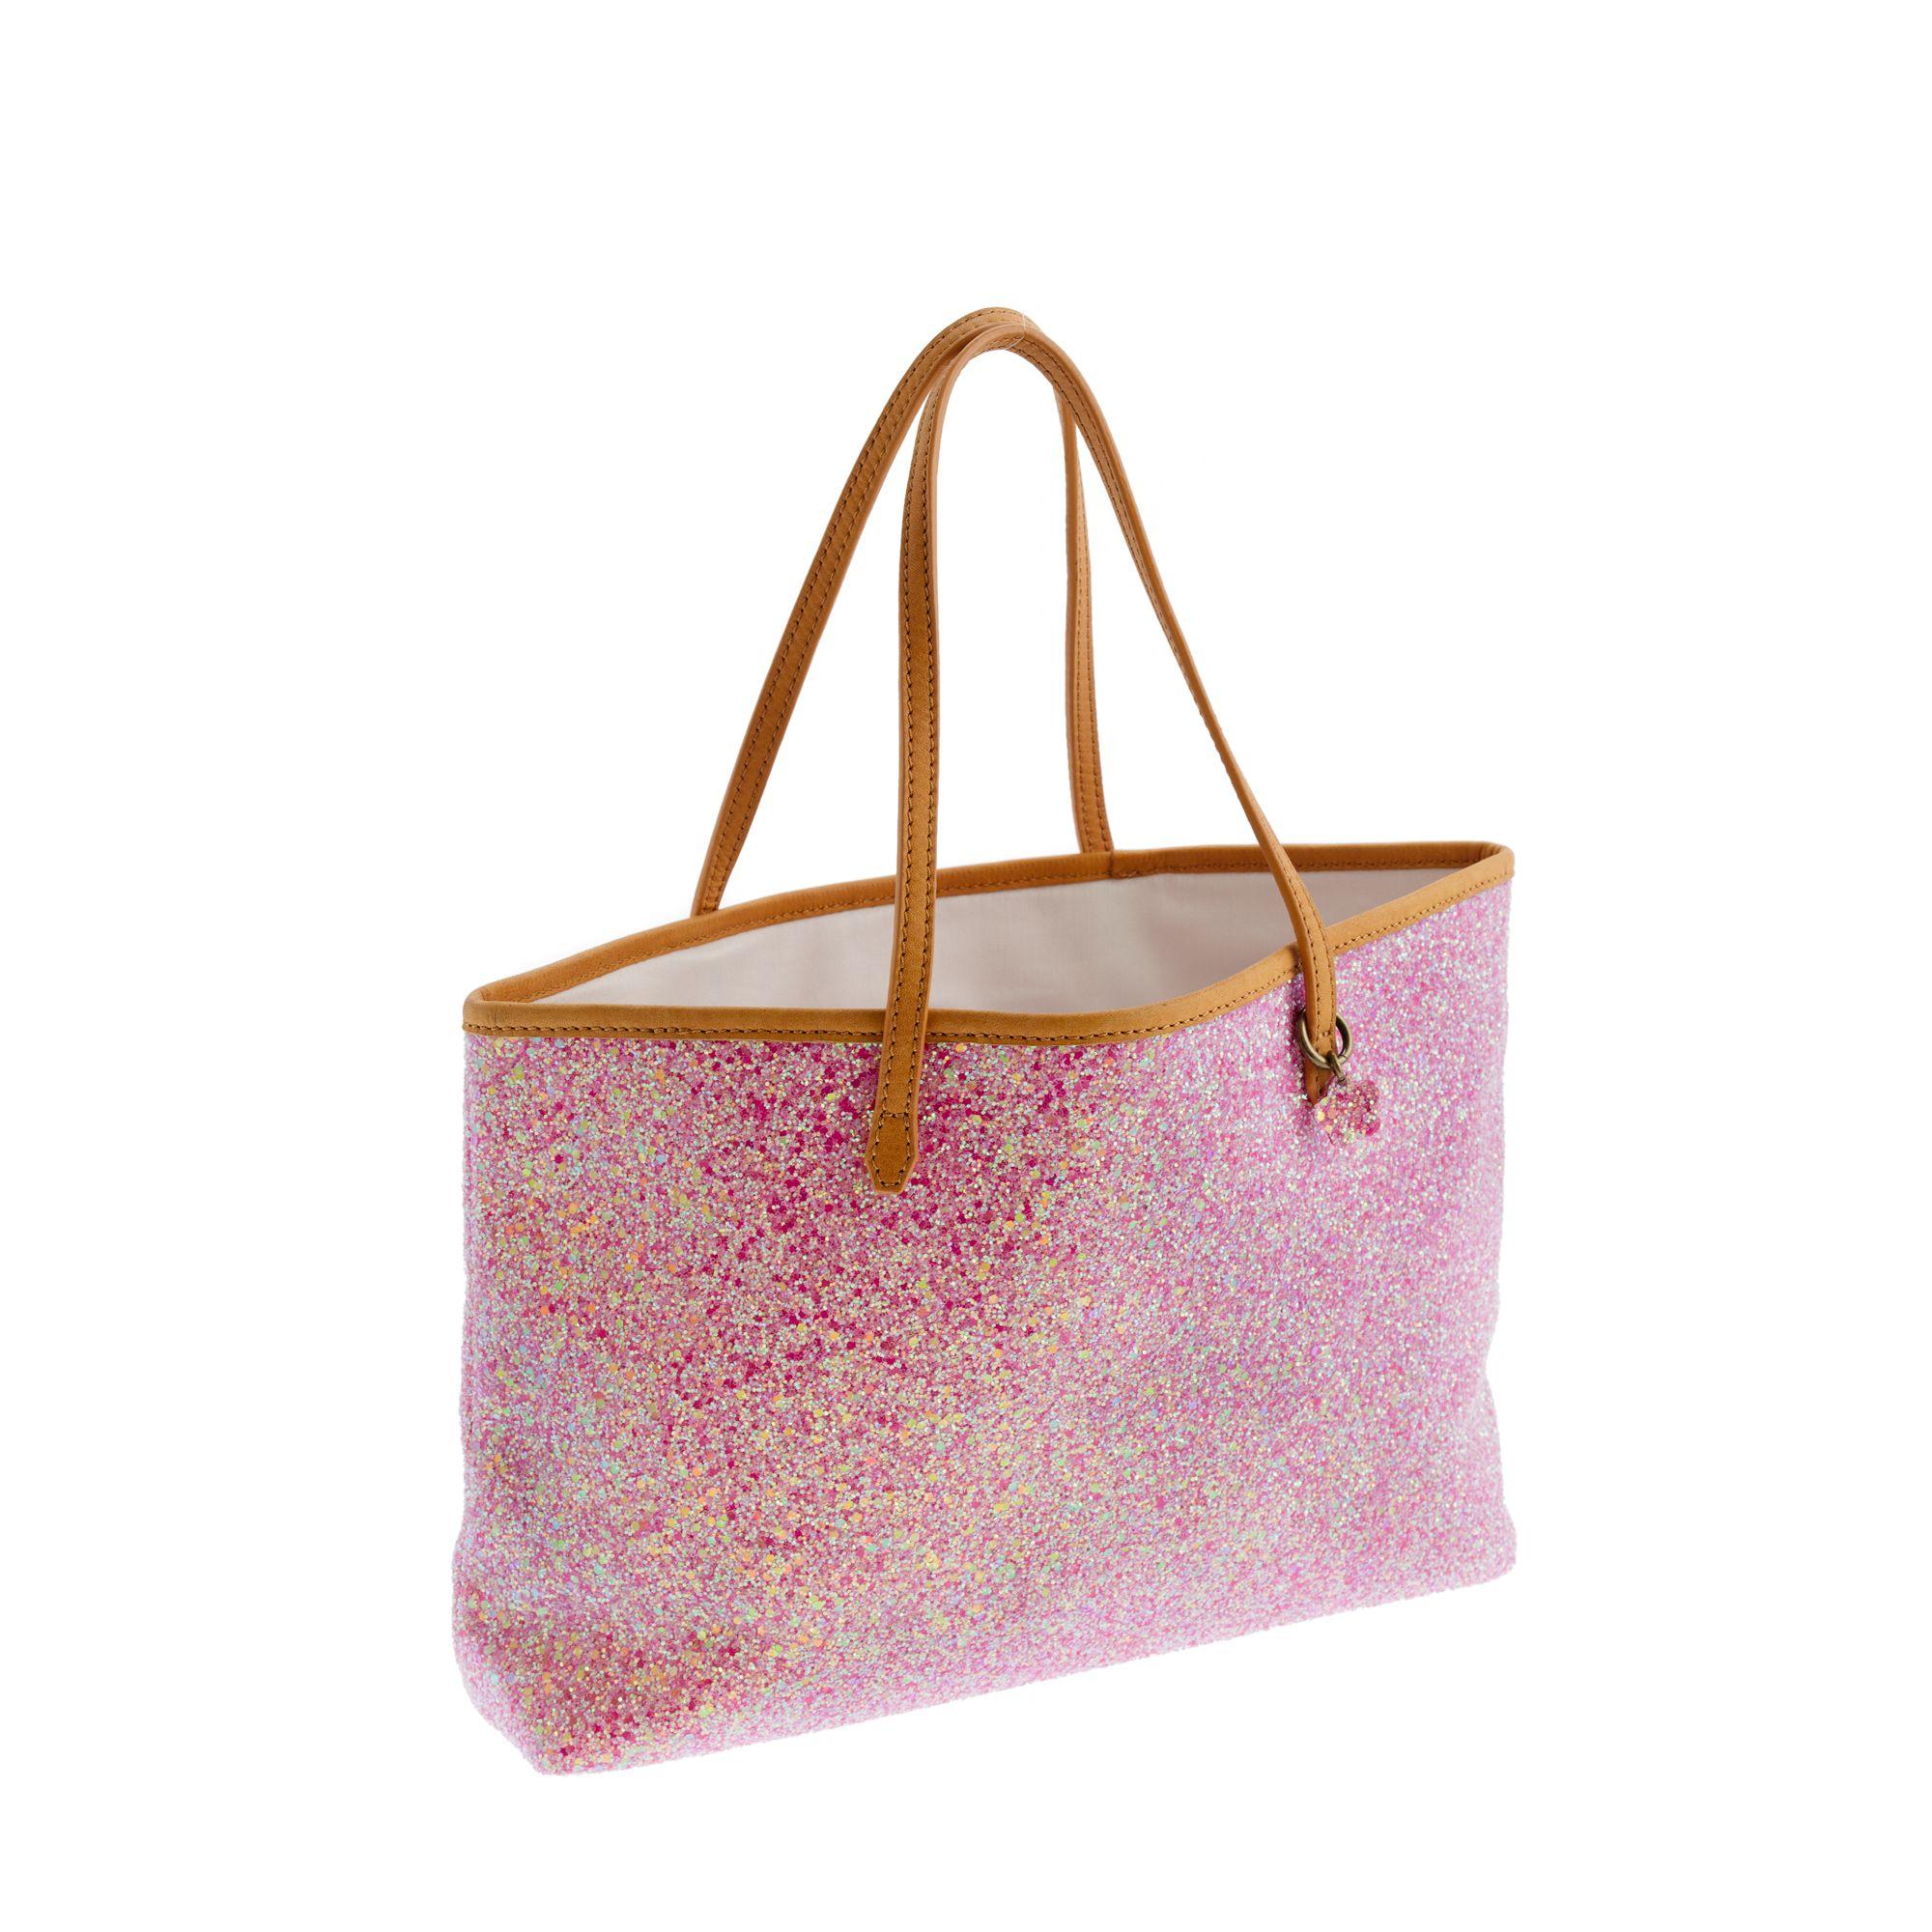 Pink glittered shoulder bag 4cfdtzzuh